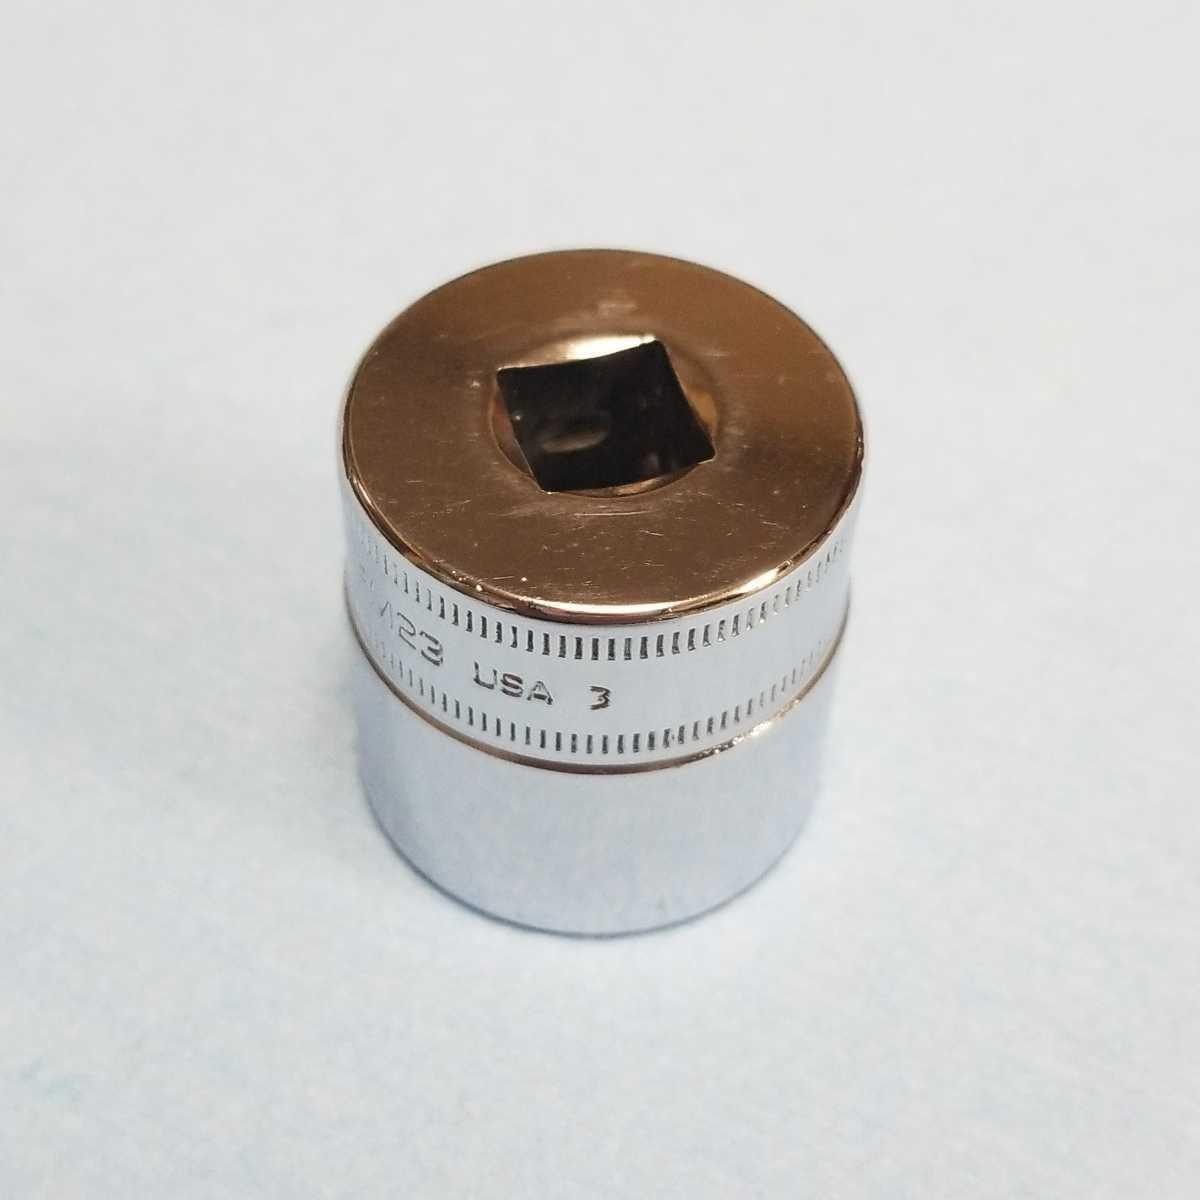 未使用 23mm 3/8 シャロー スナップオン FM23 (12角) 新品 保管品 SNAPON SNAP-ON シャローソケット ソケット 送料無料 Snap-on _画像2